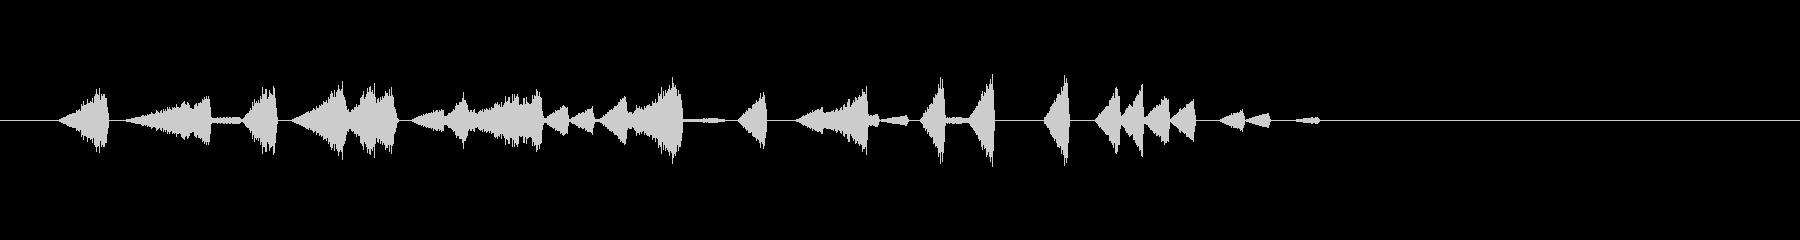 デジタル表示・メカ動作音・時間逆行#3の未再生の波形